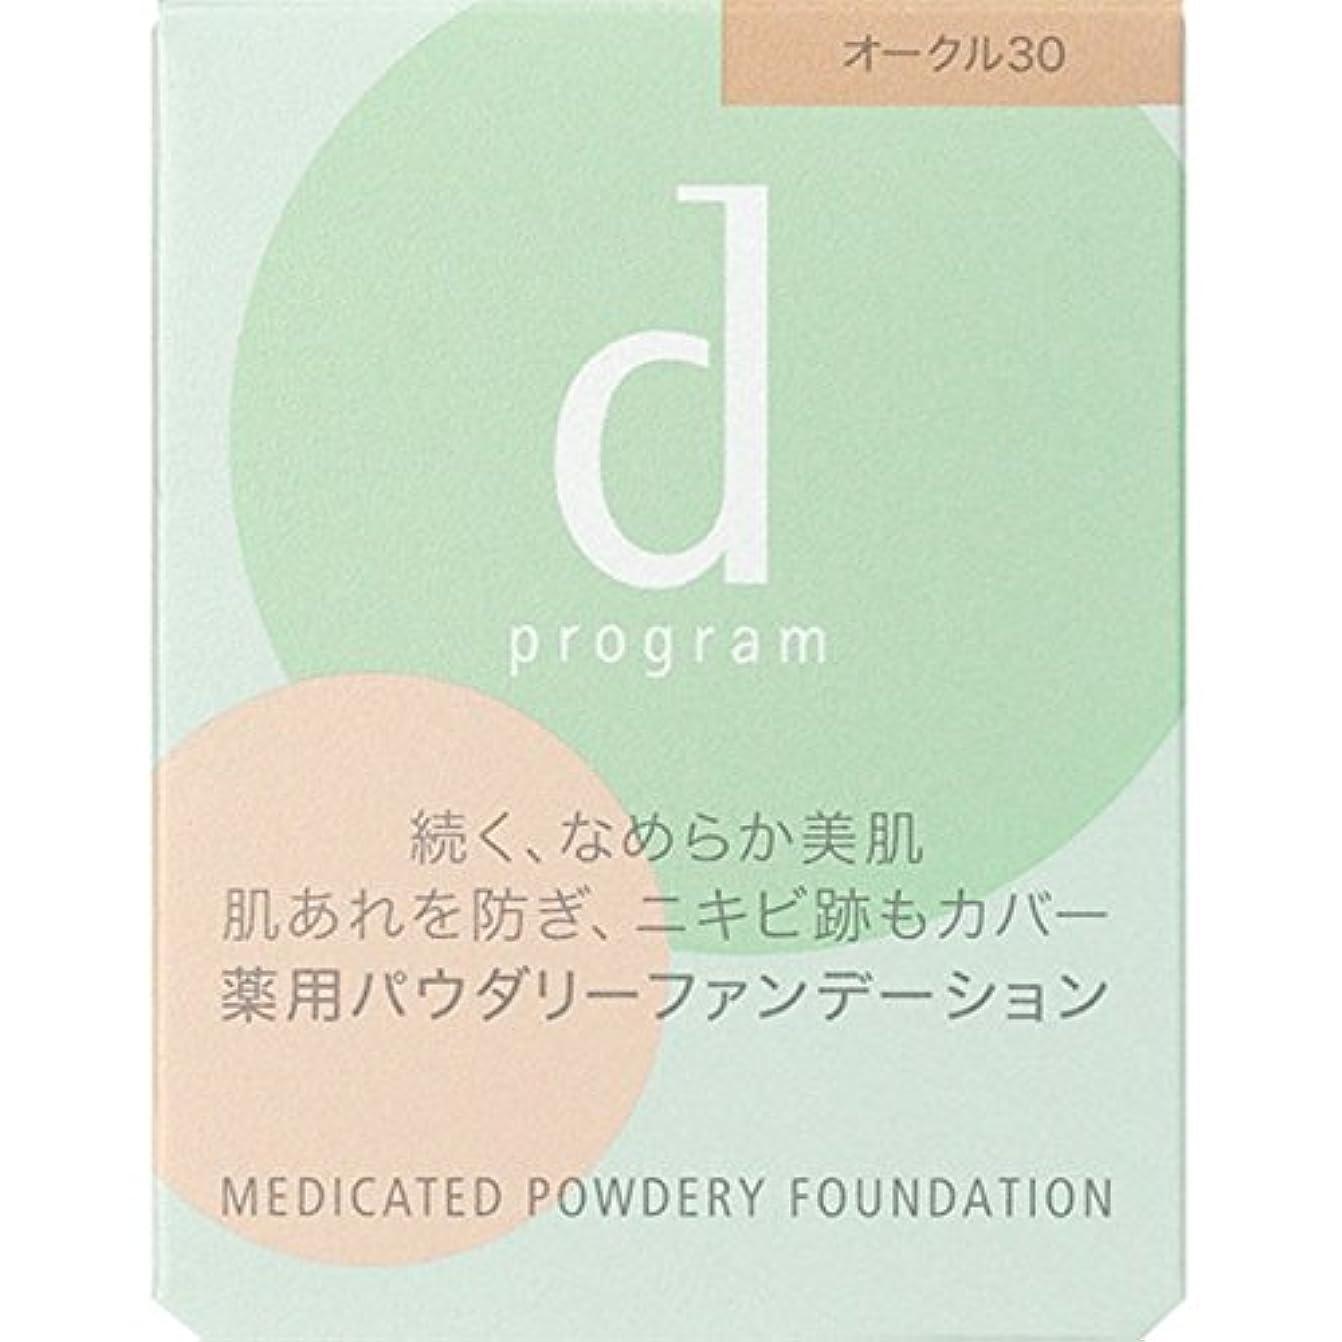 ヒント乱すダーリン資生堂インターナショナル dプログラム メディケイテッド パウダリーファンデーション OC30 (医薬部外品)